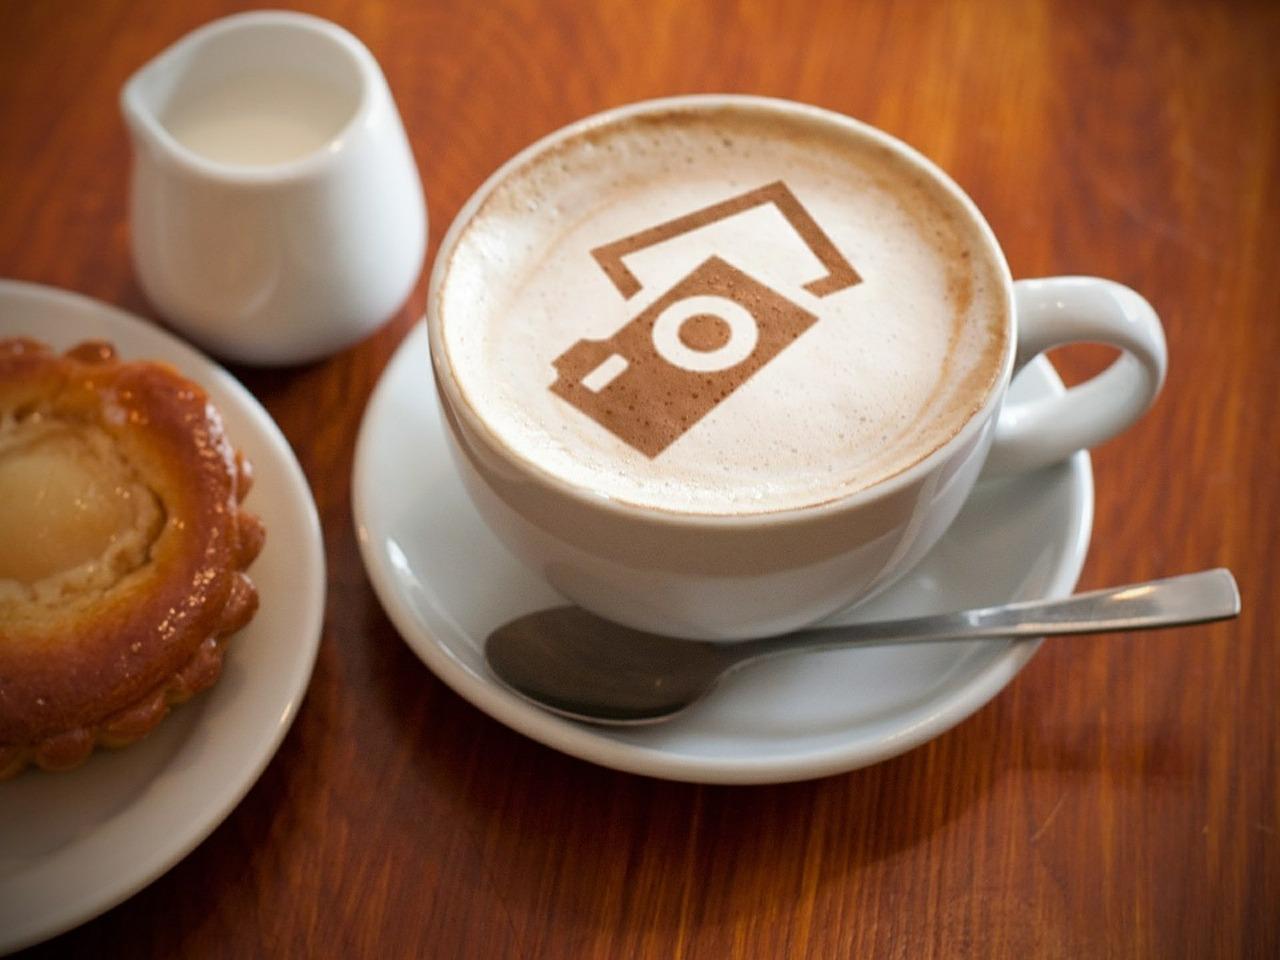 بالصور صور قهوة , اجمل صور فنجان قهوة 259 1